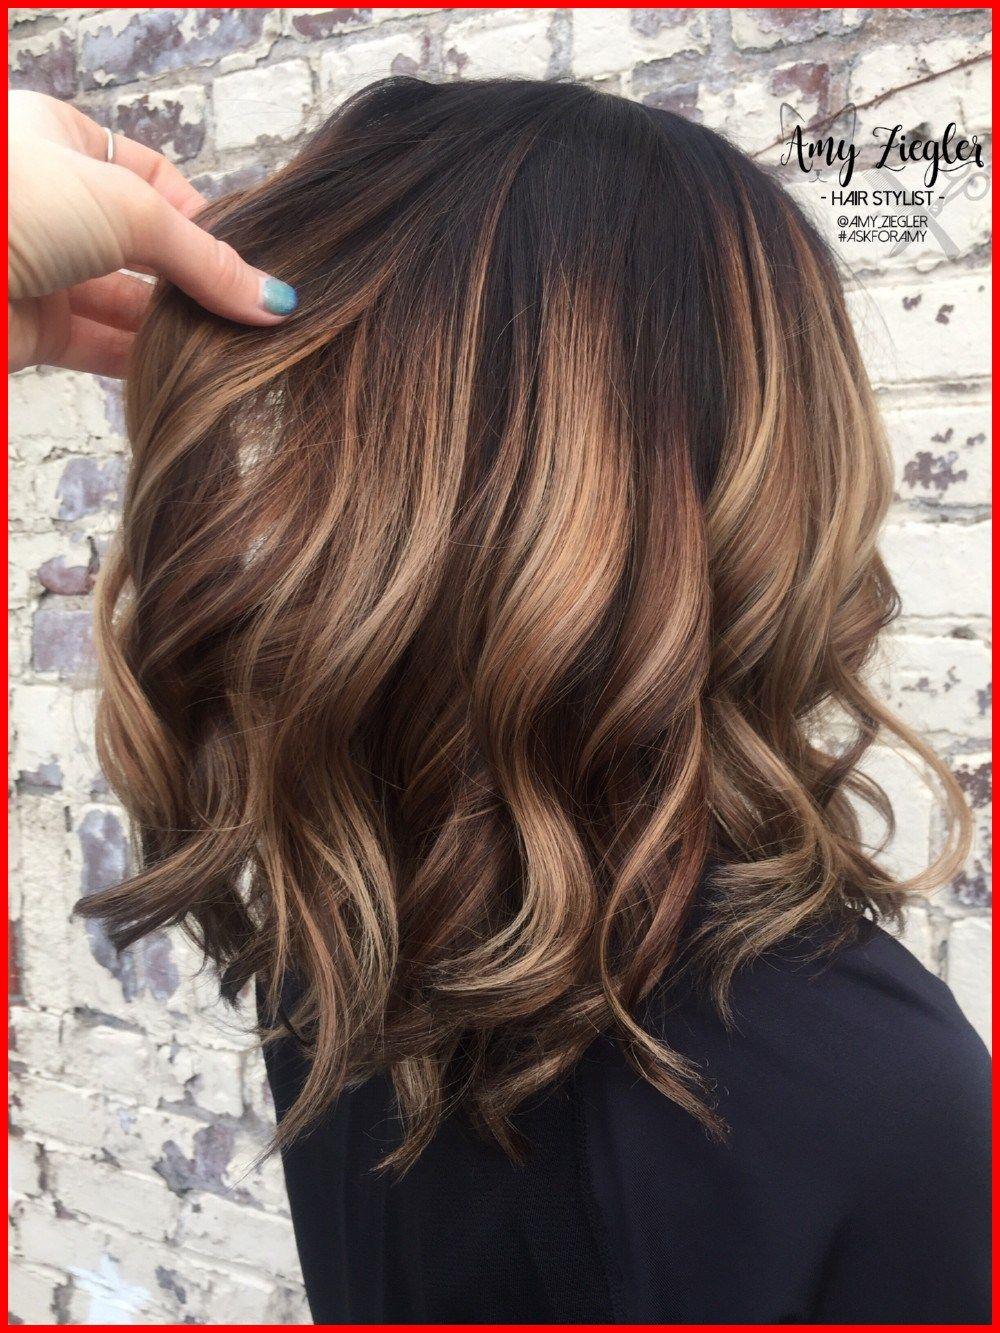 Fall Hair Colors Short Hair 367739 Hair Styles Brown Hair Balayage Hair Color Balayage